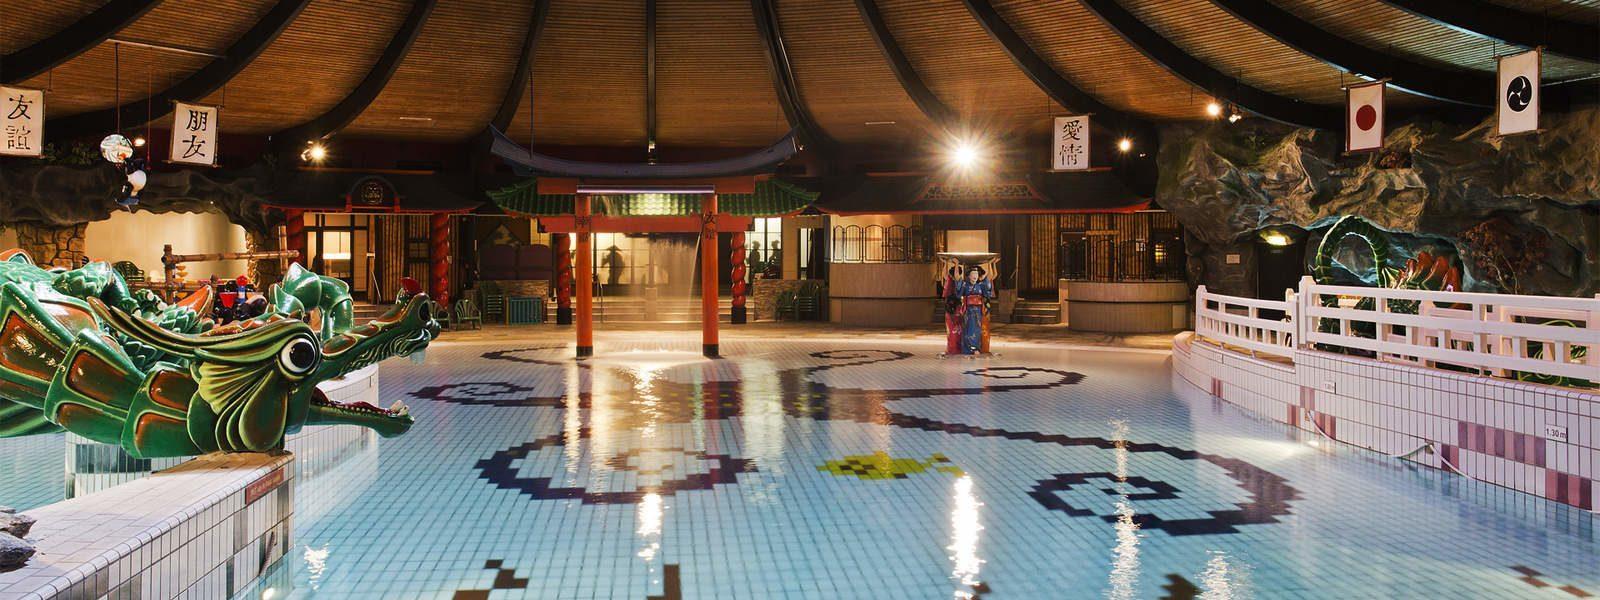 Zwemparadijs Bonte Wever